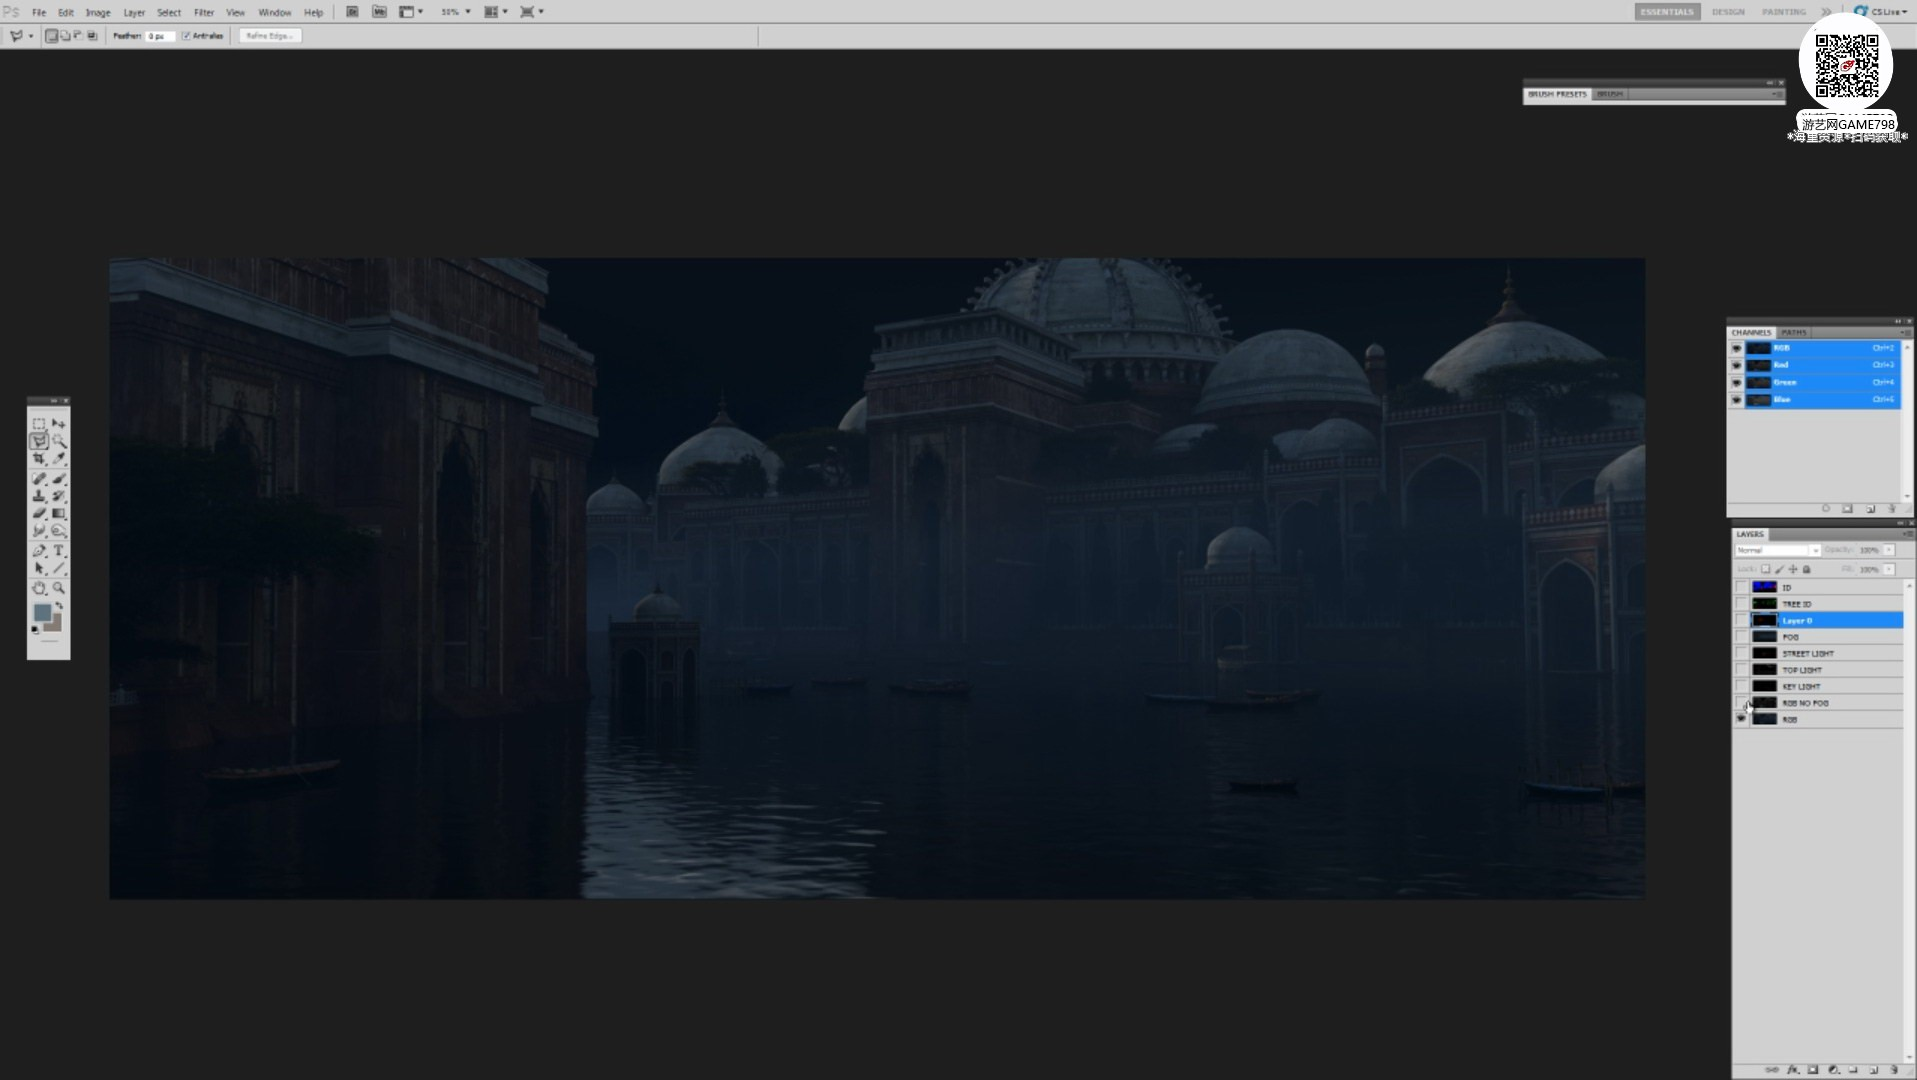 022_关注-游艺网GAME798海量资源下载【视频教程】超写实场景设定制作流程.jpg